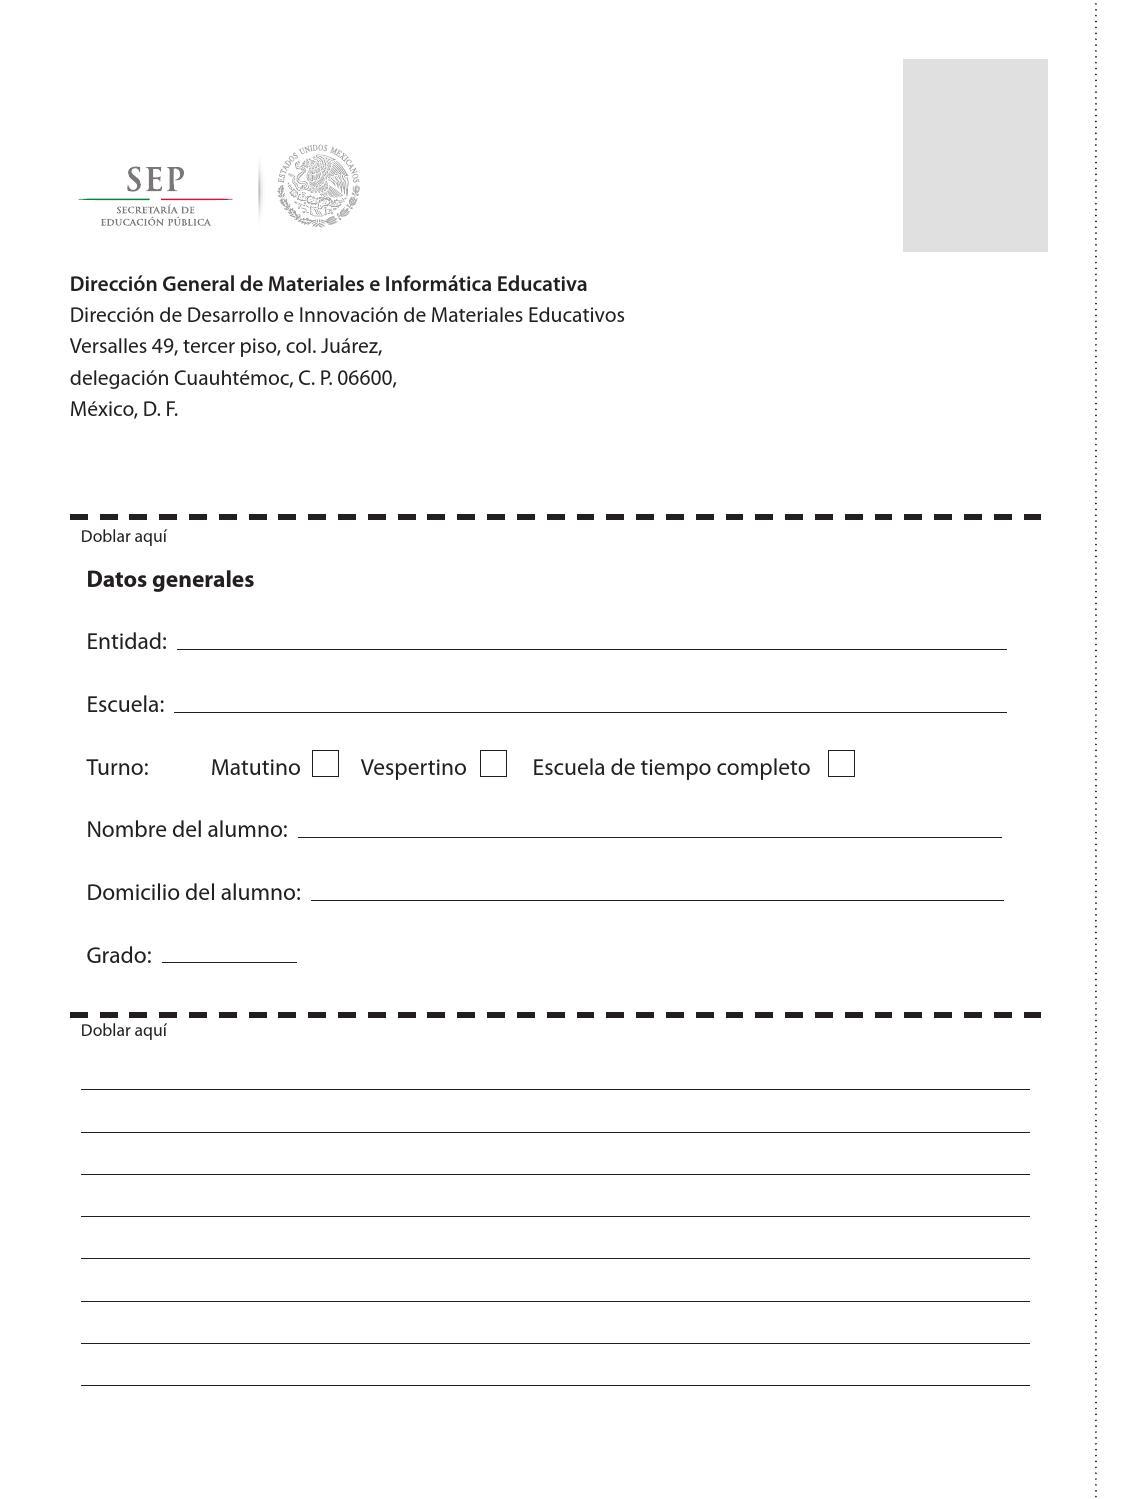 Créditos iconográficos - Eduación Artística 3ro Bloque 5 2014-2015